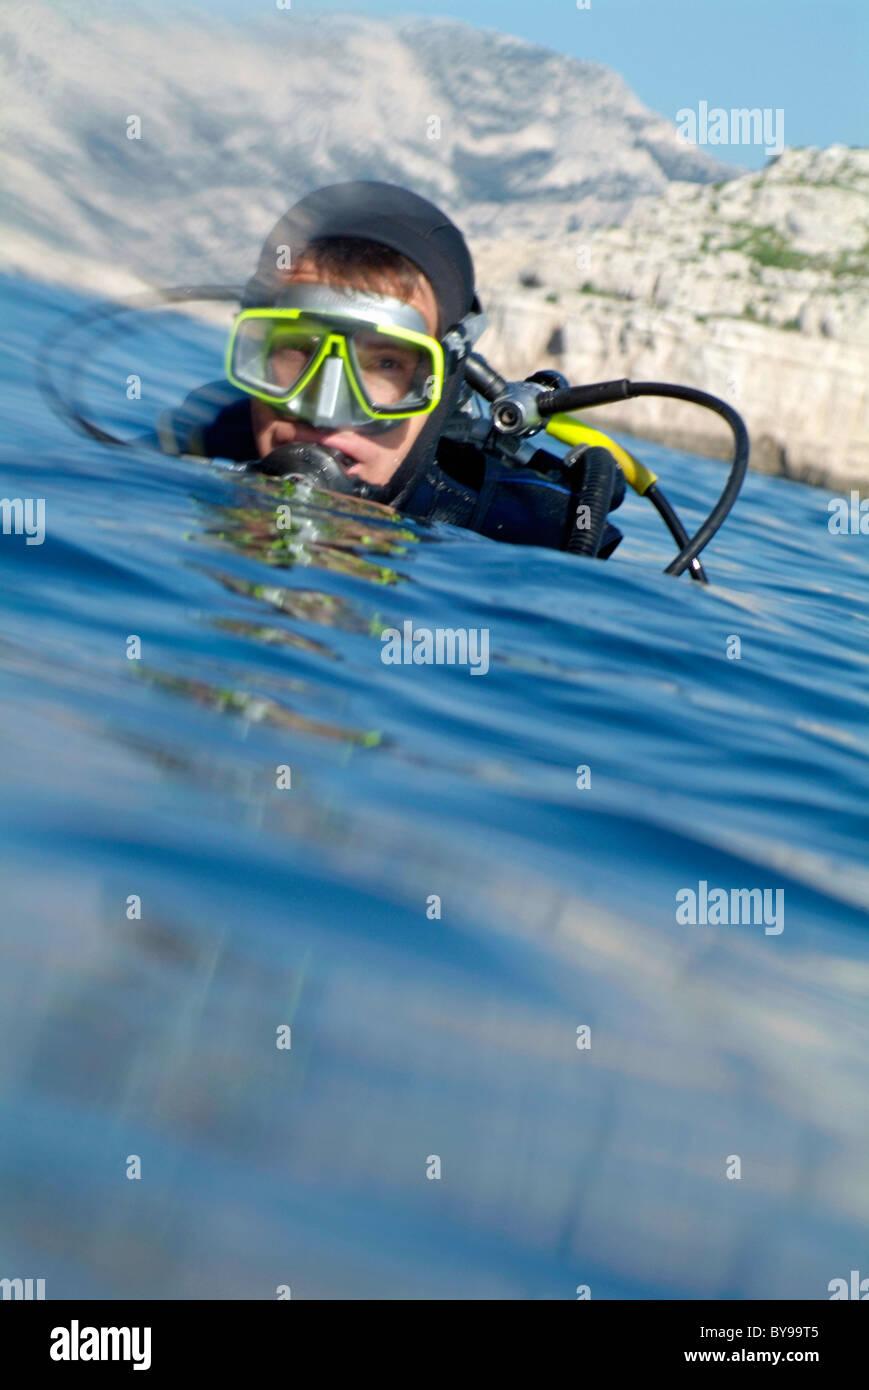 Un buzo resurge en el Mar Mediterráneo después de bucear cerca de la Ile de Riou, Marsella, Francia. Foto de stock